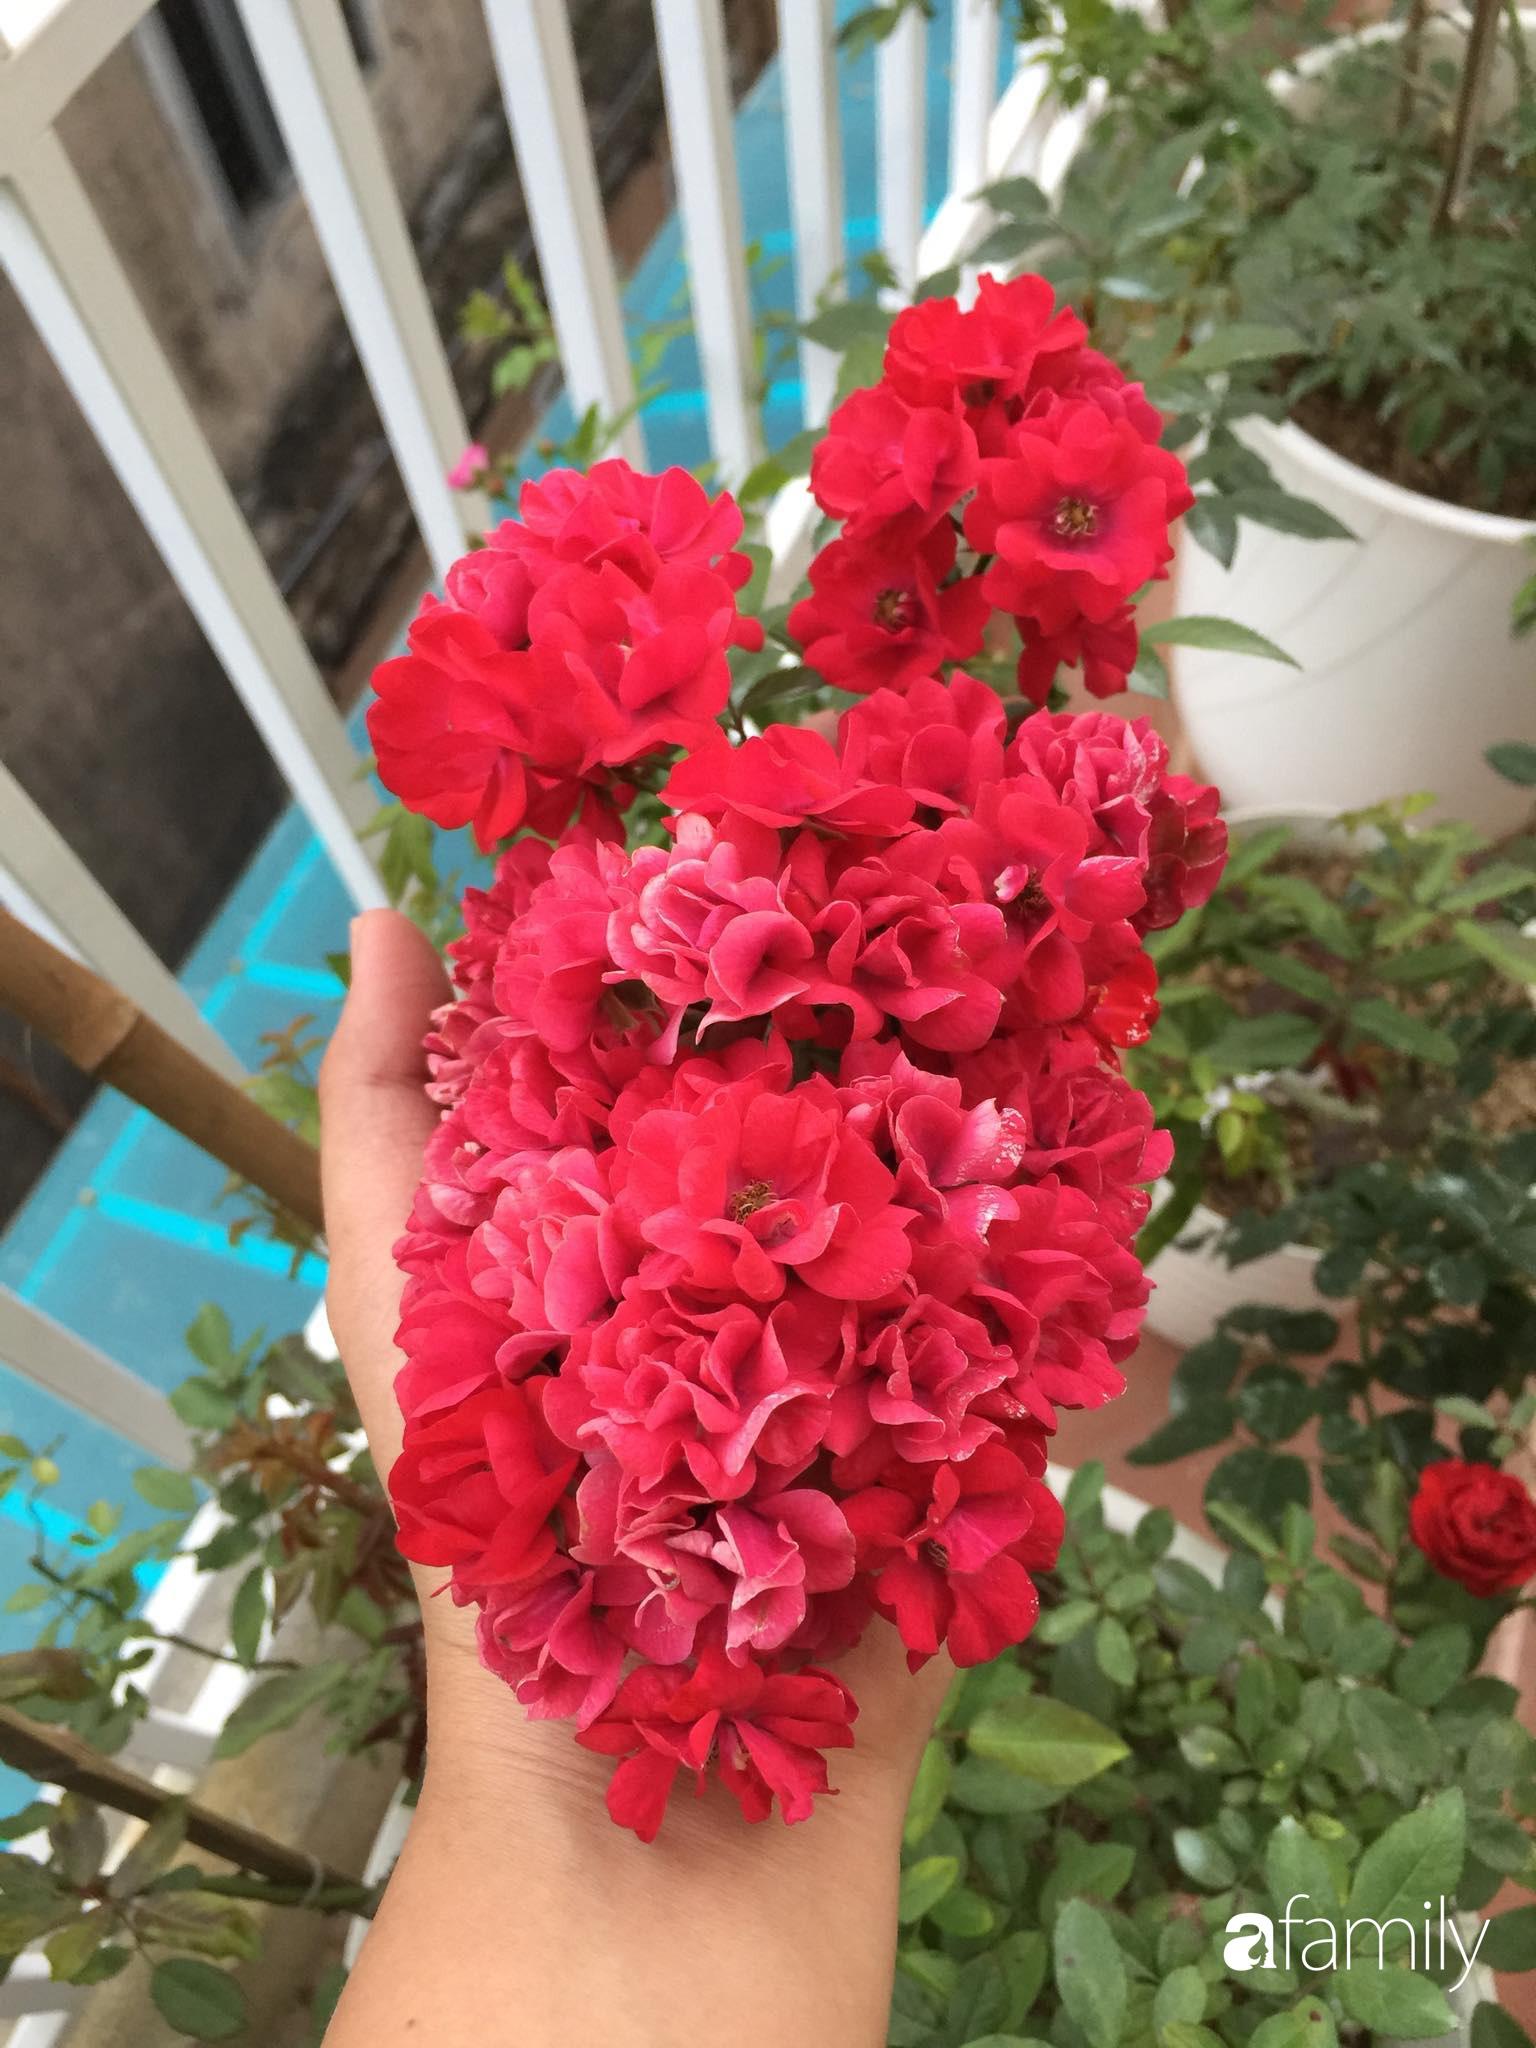 Mê hoa hồng, cô gái trẻ xứ Huế quyết tâm thức khuya dậy sớm tạo cả vườn hồng rực rỡ trên sân thượng - Ảnh 8.